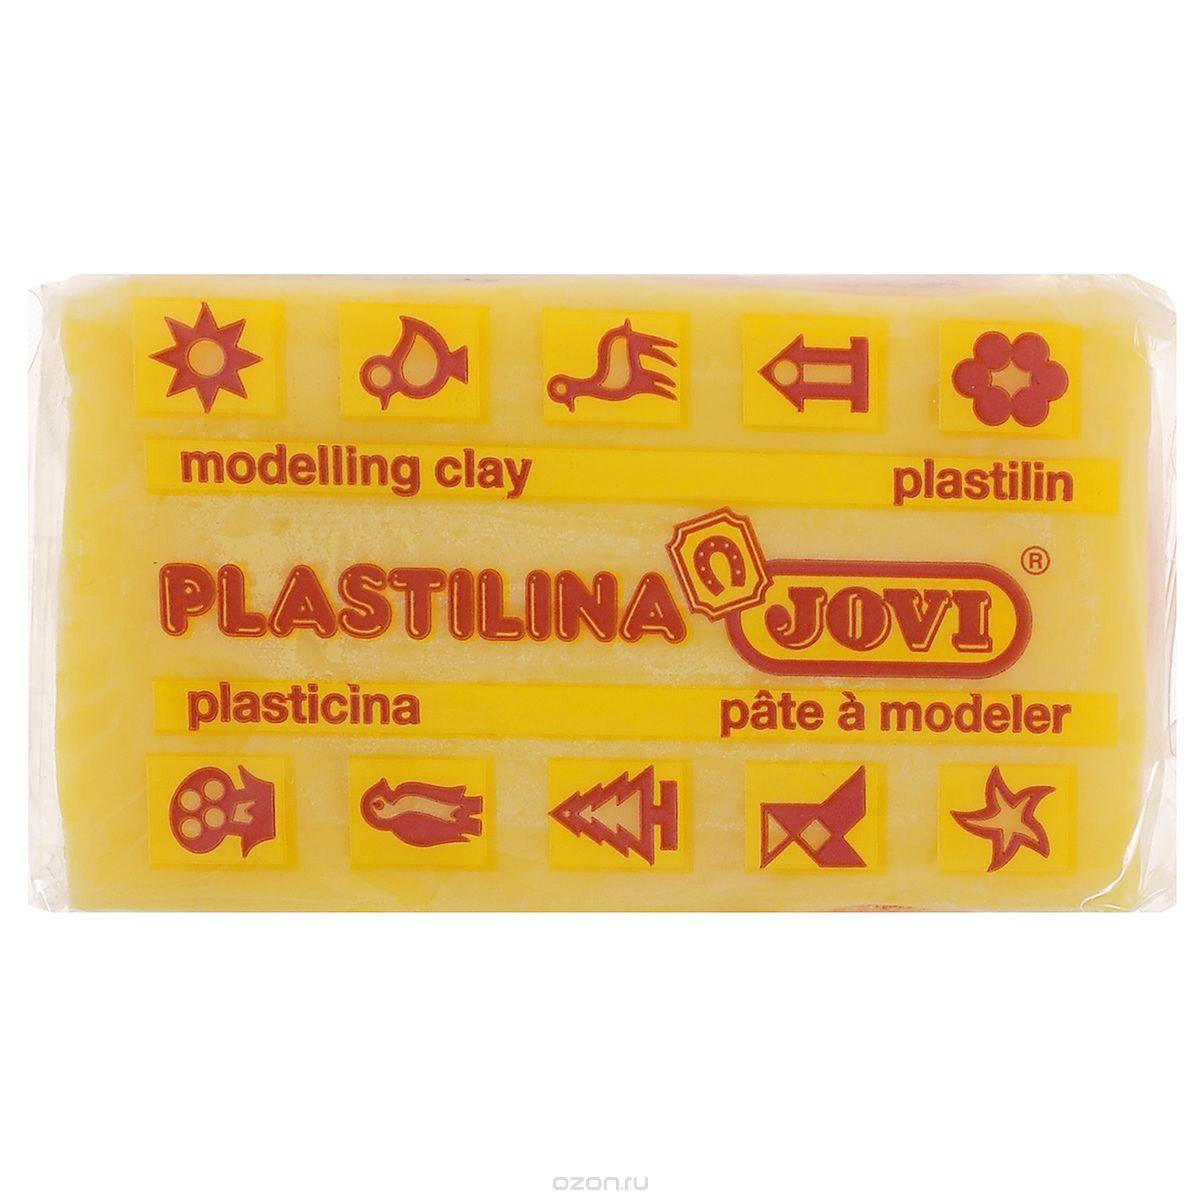 Jovi Пластилин цвет темно-желтый 50 г7003U_темно-желтыйПластилин Jovi - лучший выбор для лепки, он обладает превосходными изобразительными возможностями и поэтому дает простор воображению и самым смелым творческим замыслам. Пластилин, изготовленный на растительной основе, очень мягкий, легко разминается и смешивается, не пачкает руки и не прилипает к рабочей поверхности. Пластилин пригоден для создания аппликаций и поделок, ручной лепки, моделирования на каркасе, пластилиновой живописи - рисовании пластилином по бумаге, картону, дереву или текстилю. Пластические свойства сохраняются в течение 5 лет.